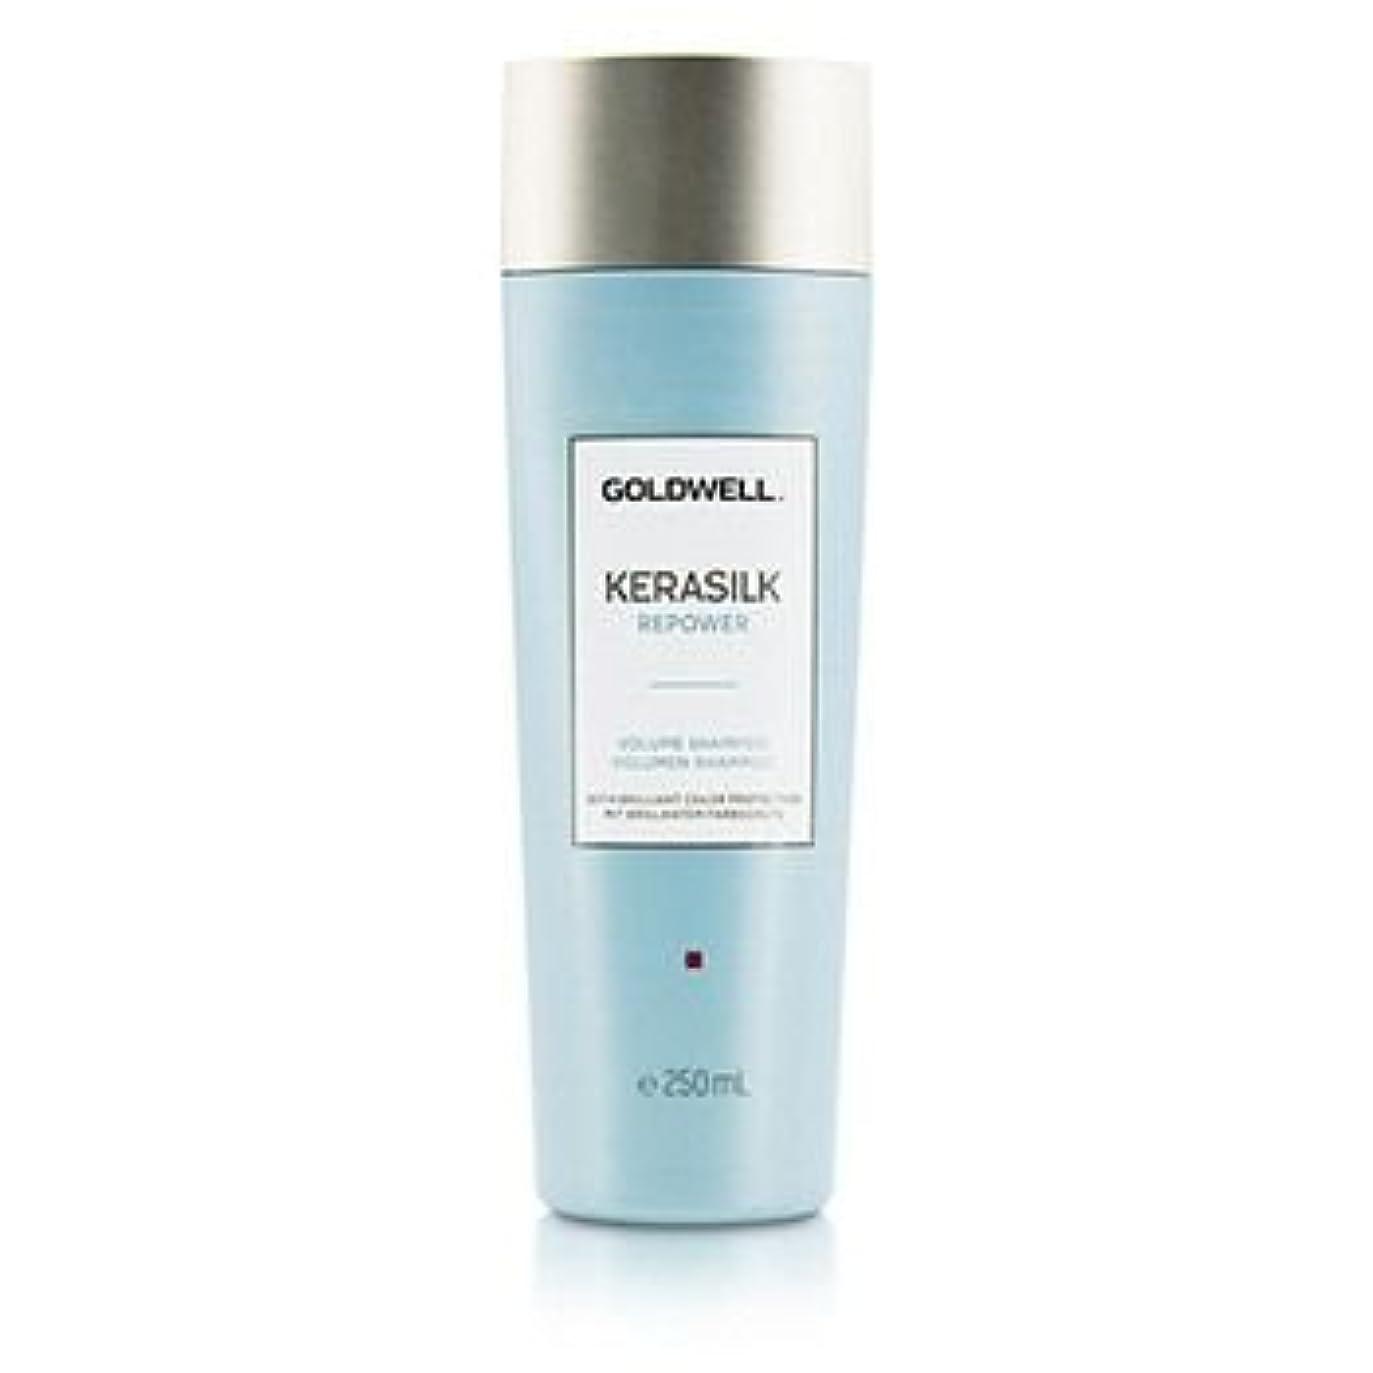 市の中心部忠実最小化する[Goldwell] Kerasilk Repower Volume Shampoo (For Fine Limp Hair) 250ml/8.4oz